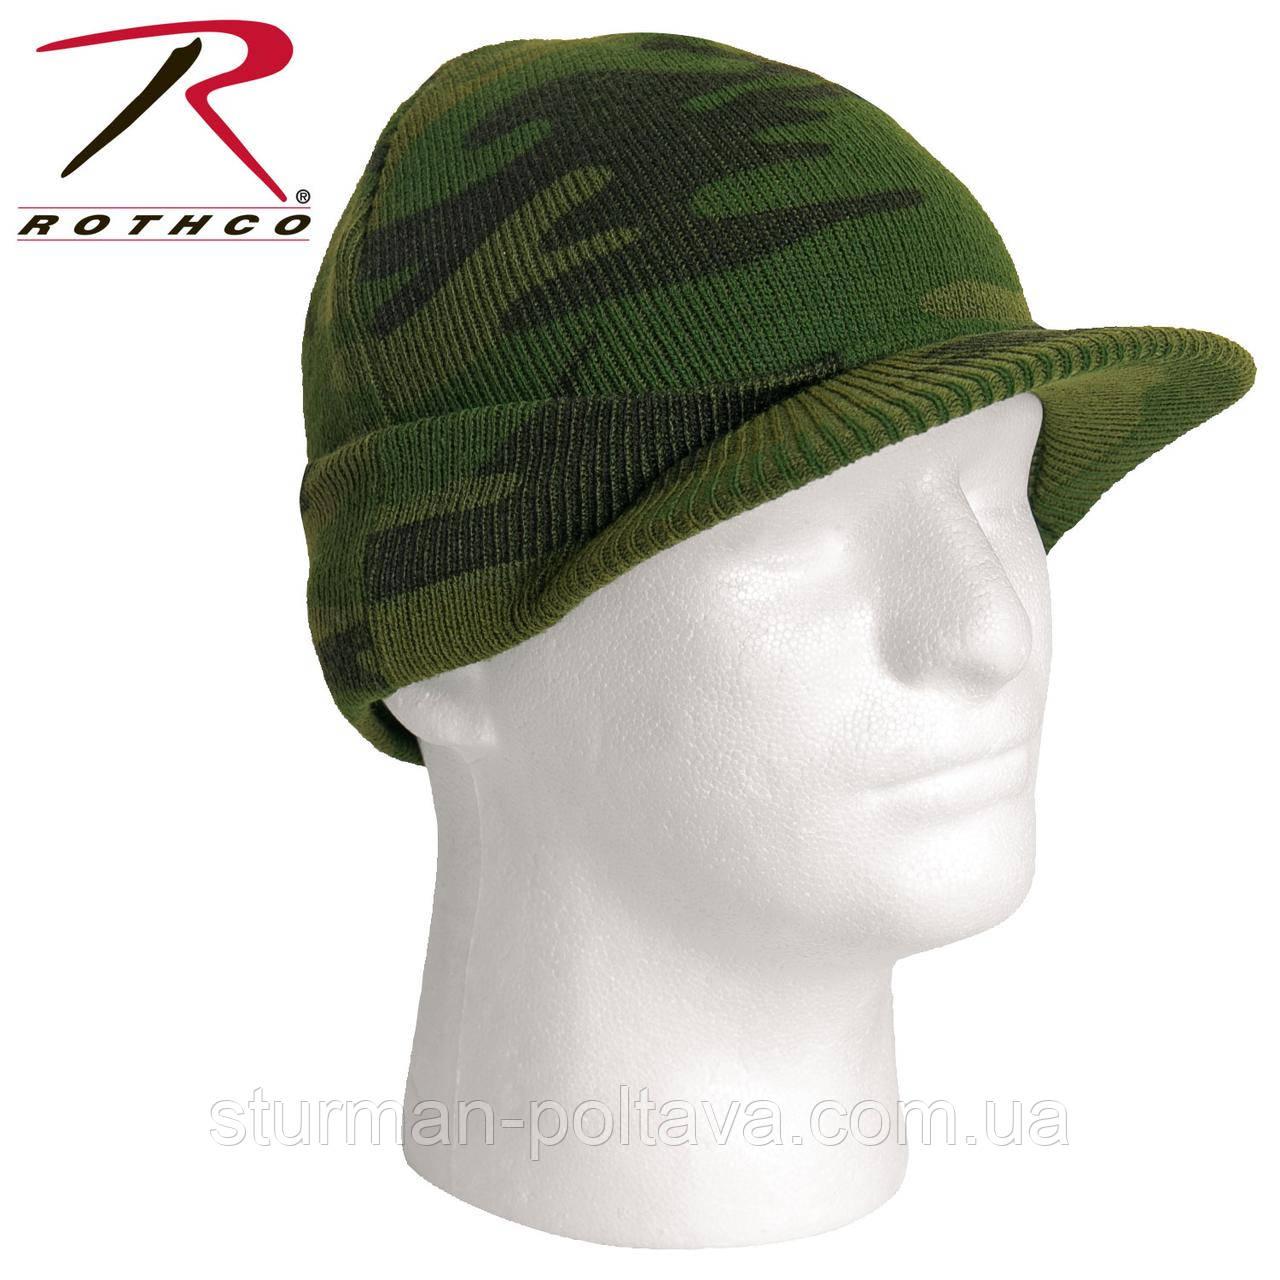 Шапка мужская   JEEP CAP  с козырьком камуфляжная акрил  ROTCHO USA